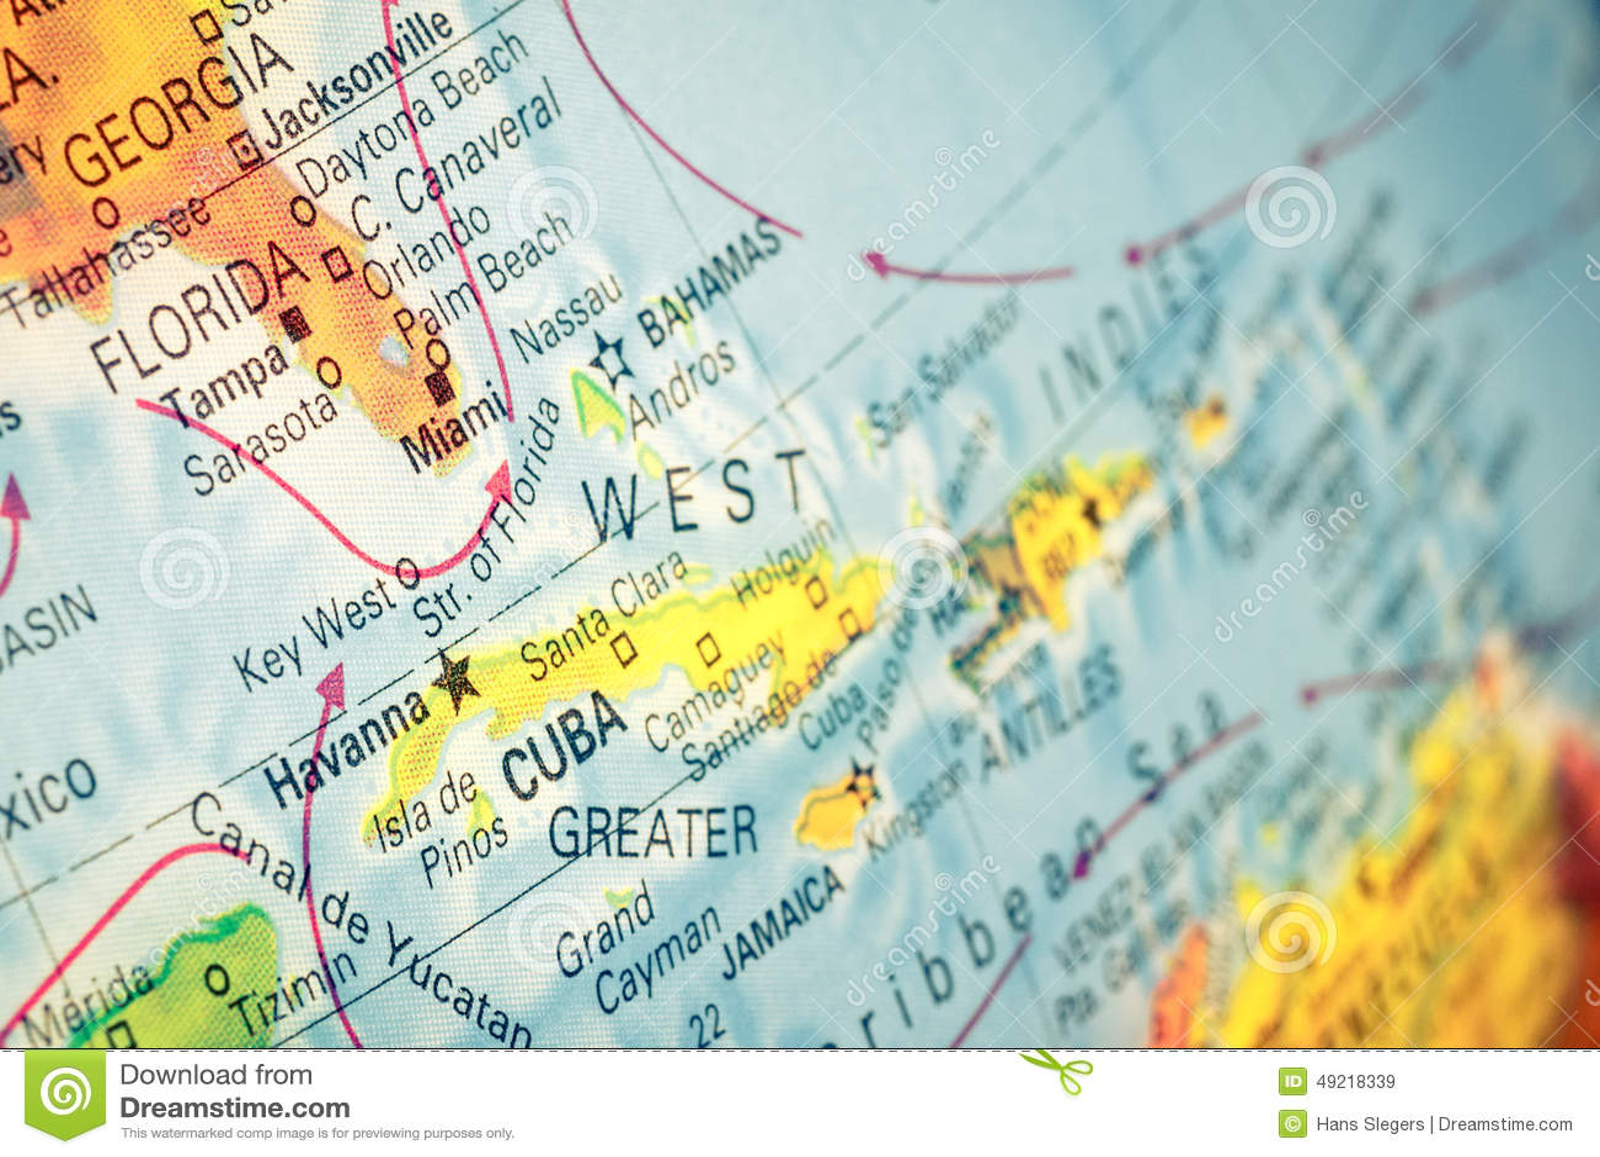 Carte Cuba Et Floride.Carte Du Cuba Et De La Floride Billet De Banque Remodele